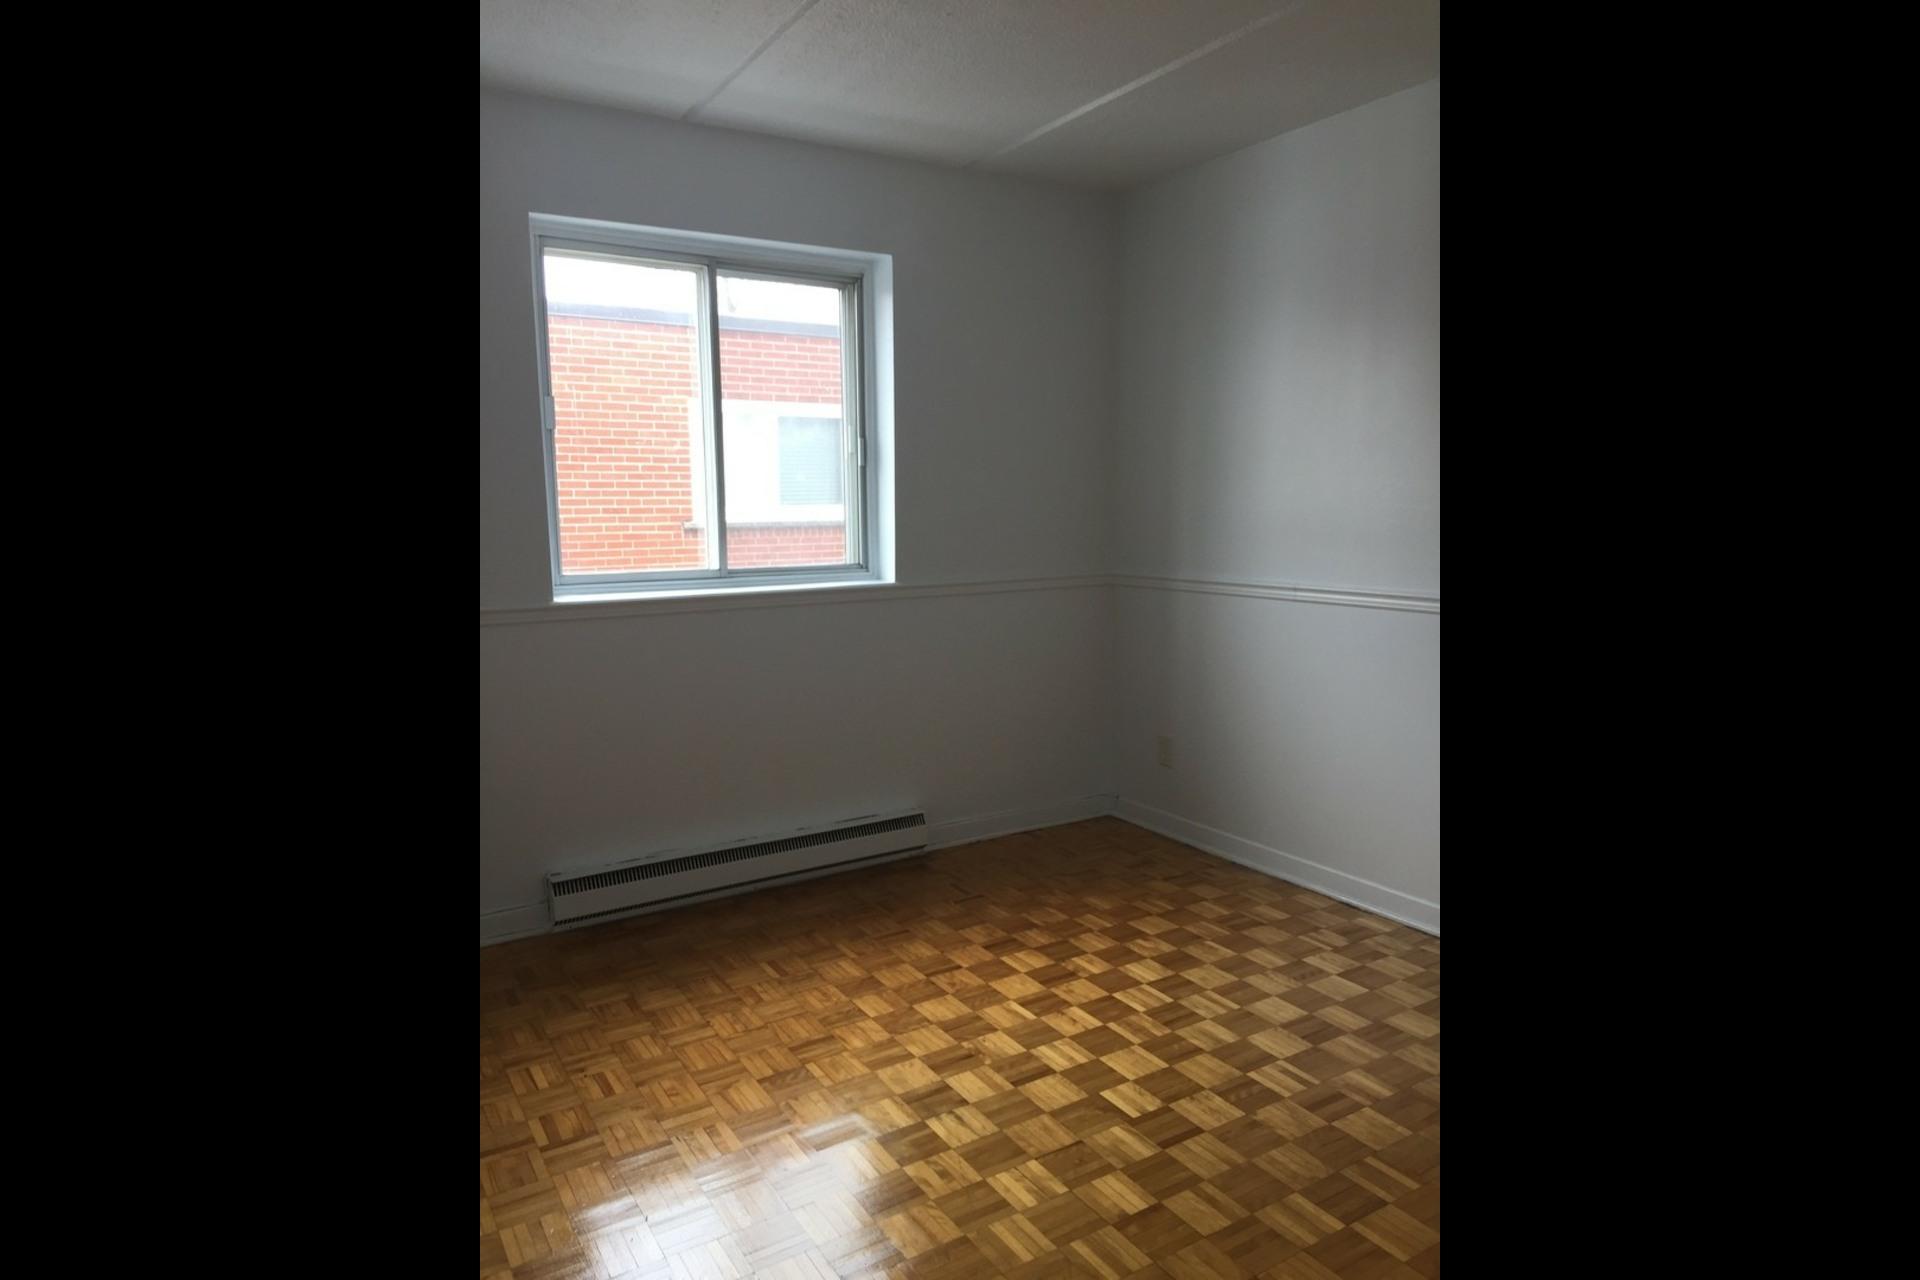 image 4 - Appartement À louer Montréal Montréal-Nord - 4 pièces